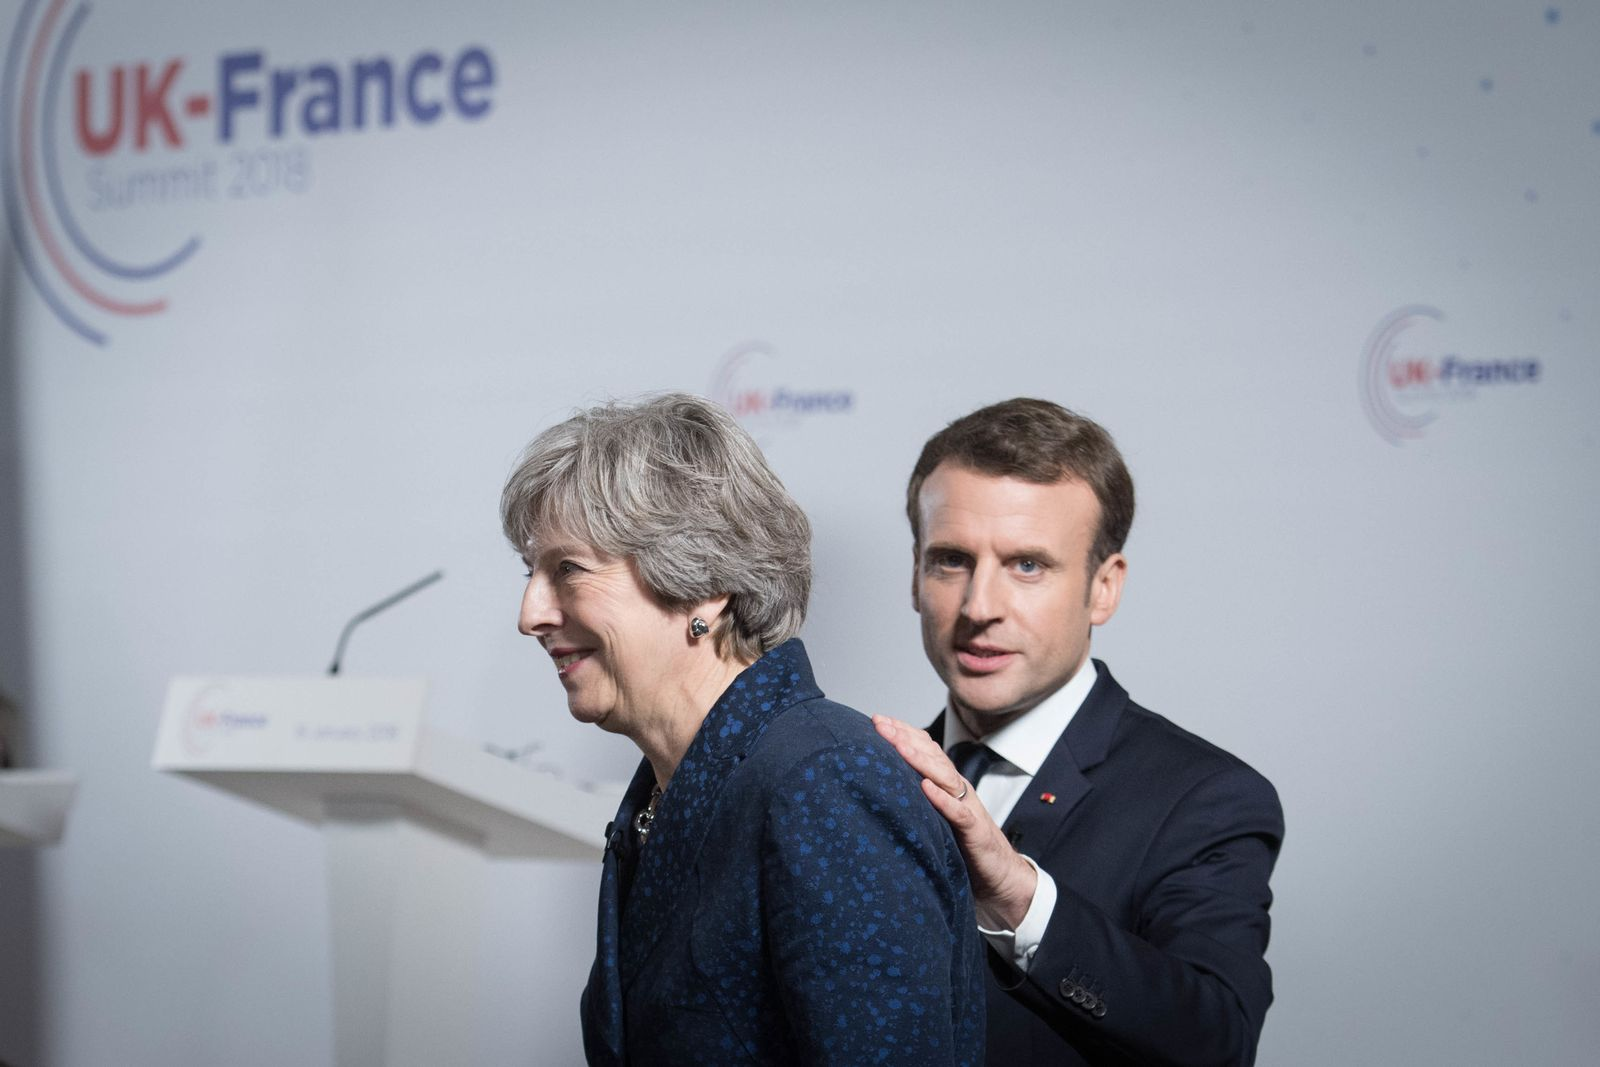 Theresa May / Emmanuel Macron